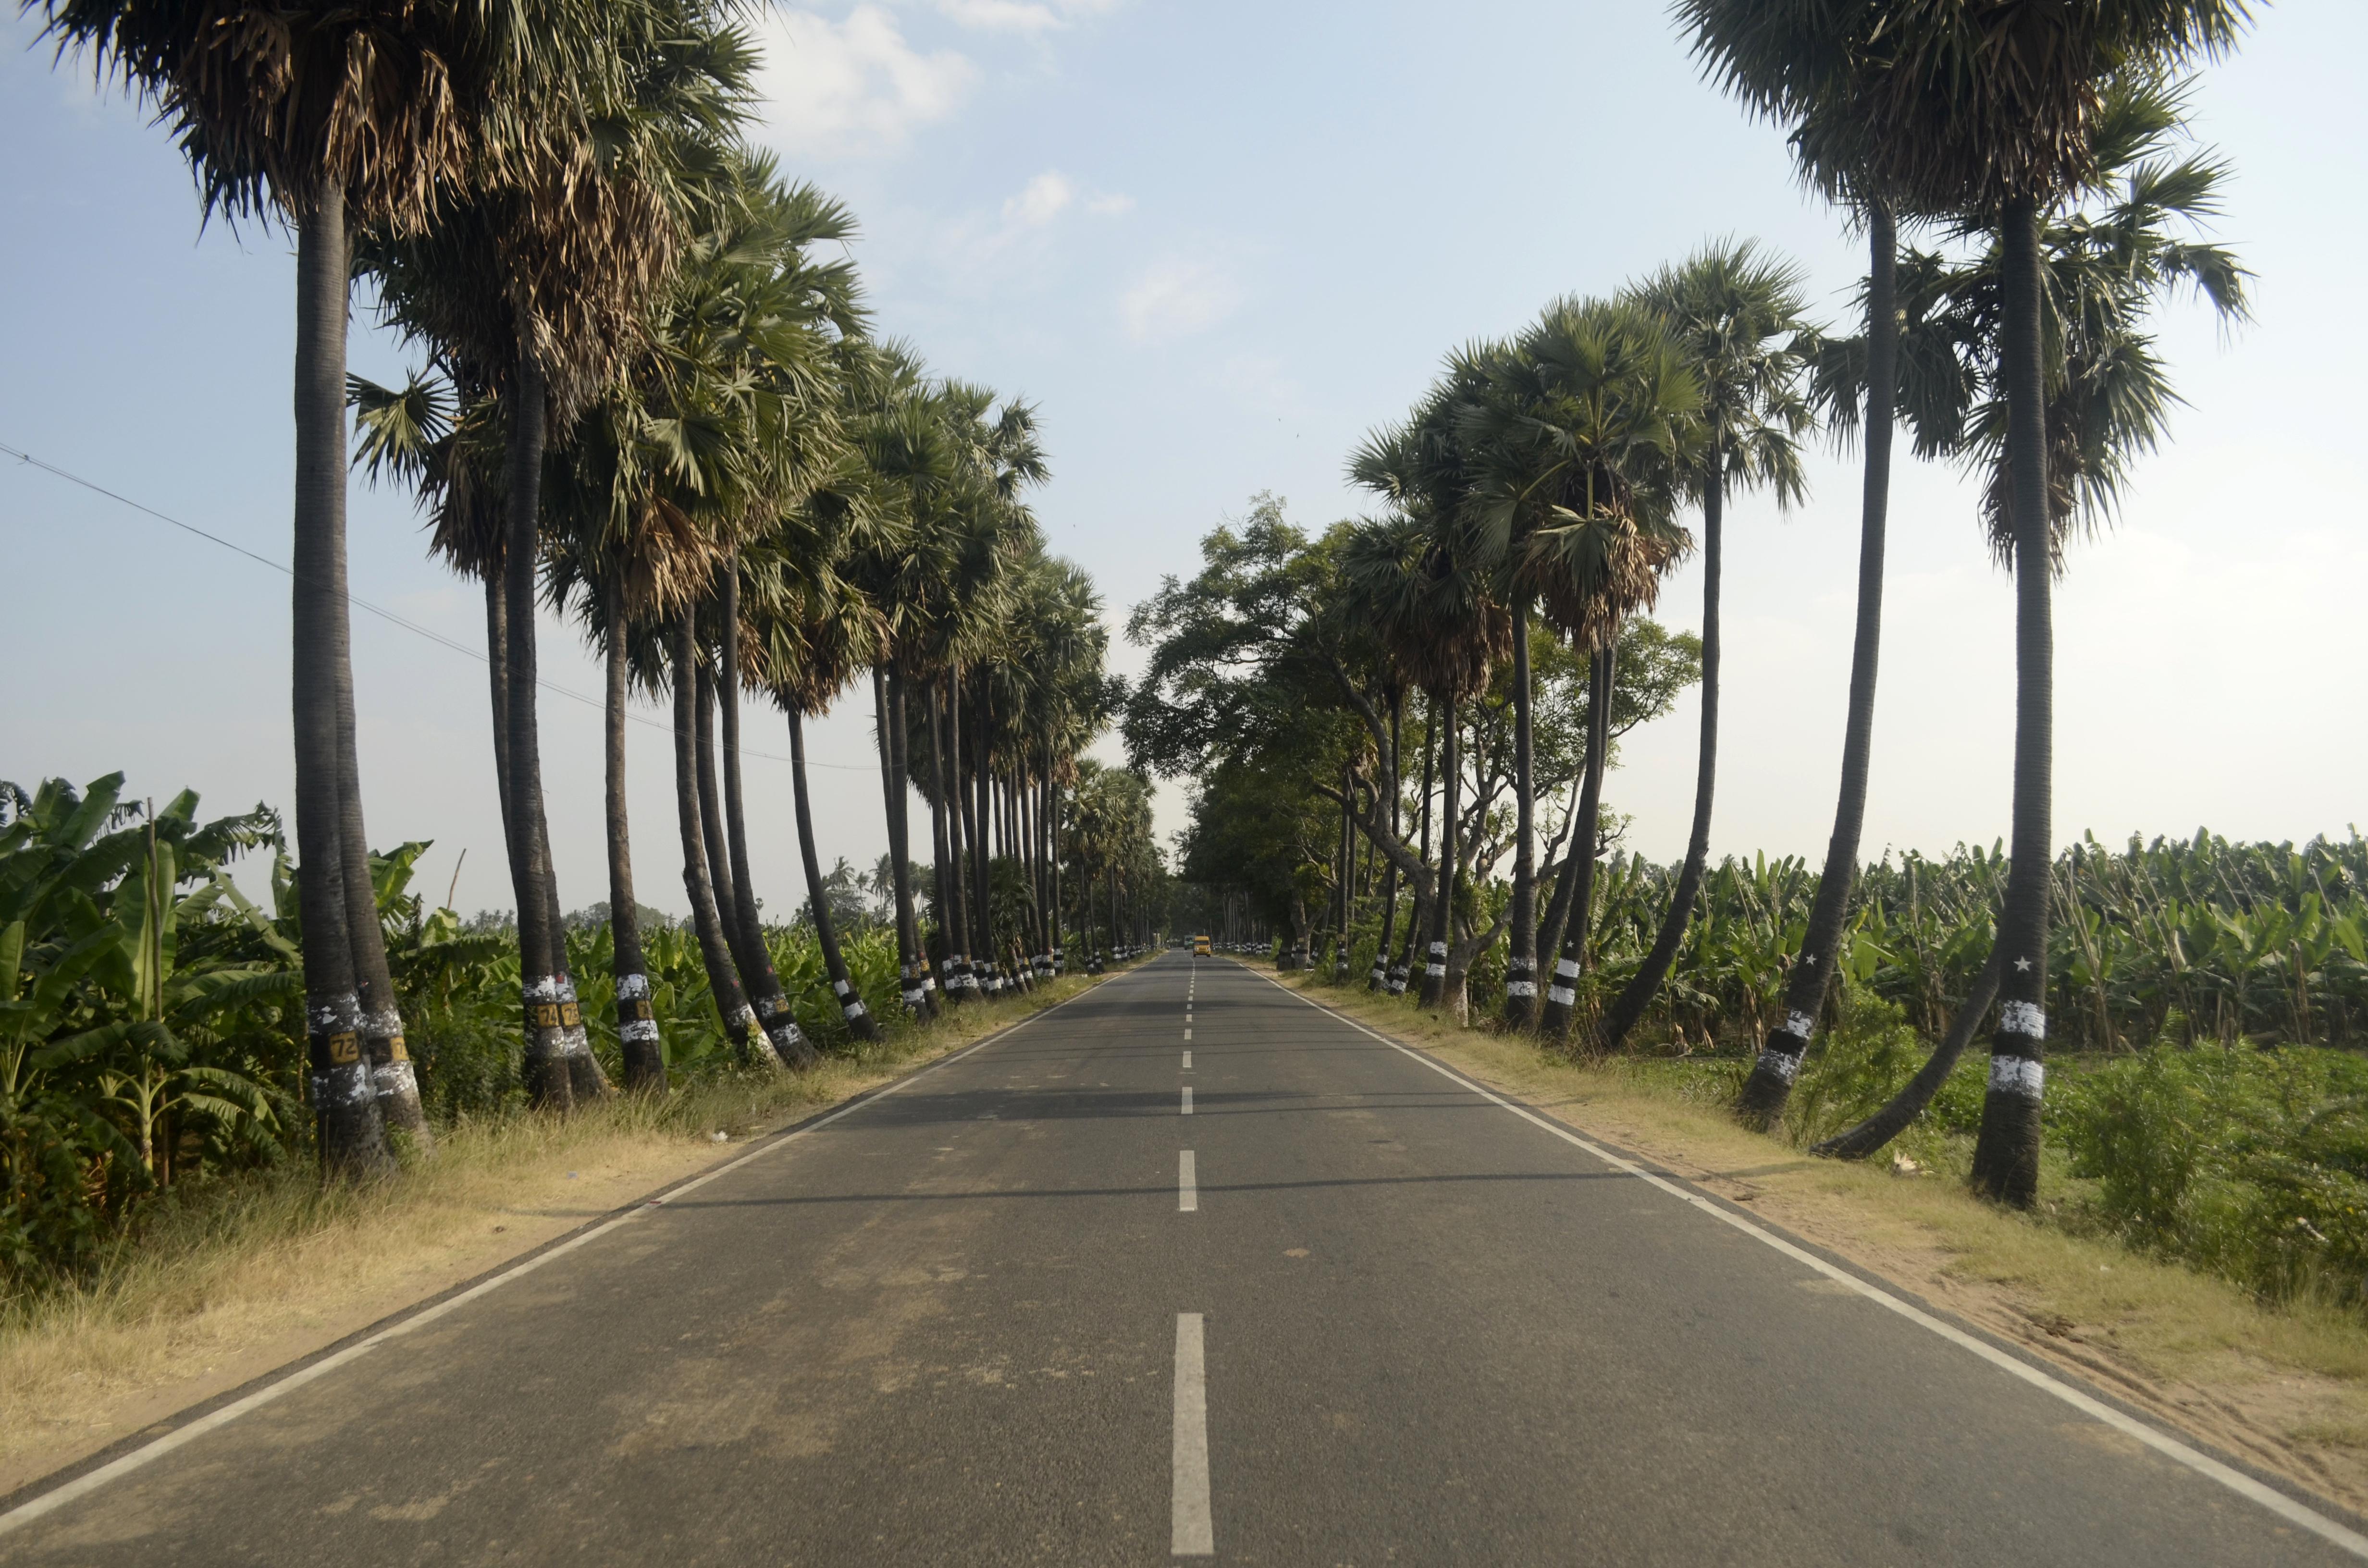 рисунки шинуазри фото дорога пальмы теперь очередь самыми-самыми